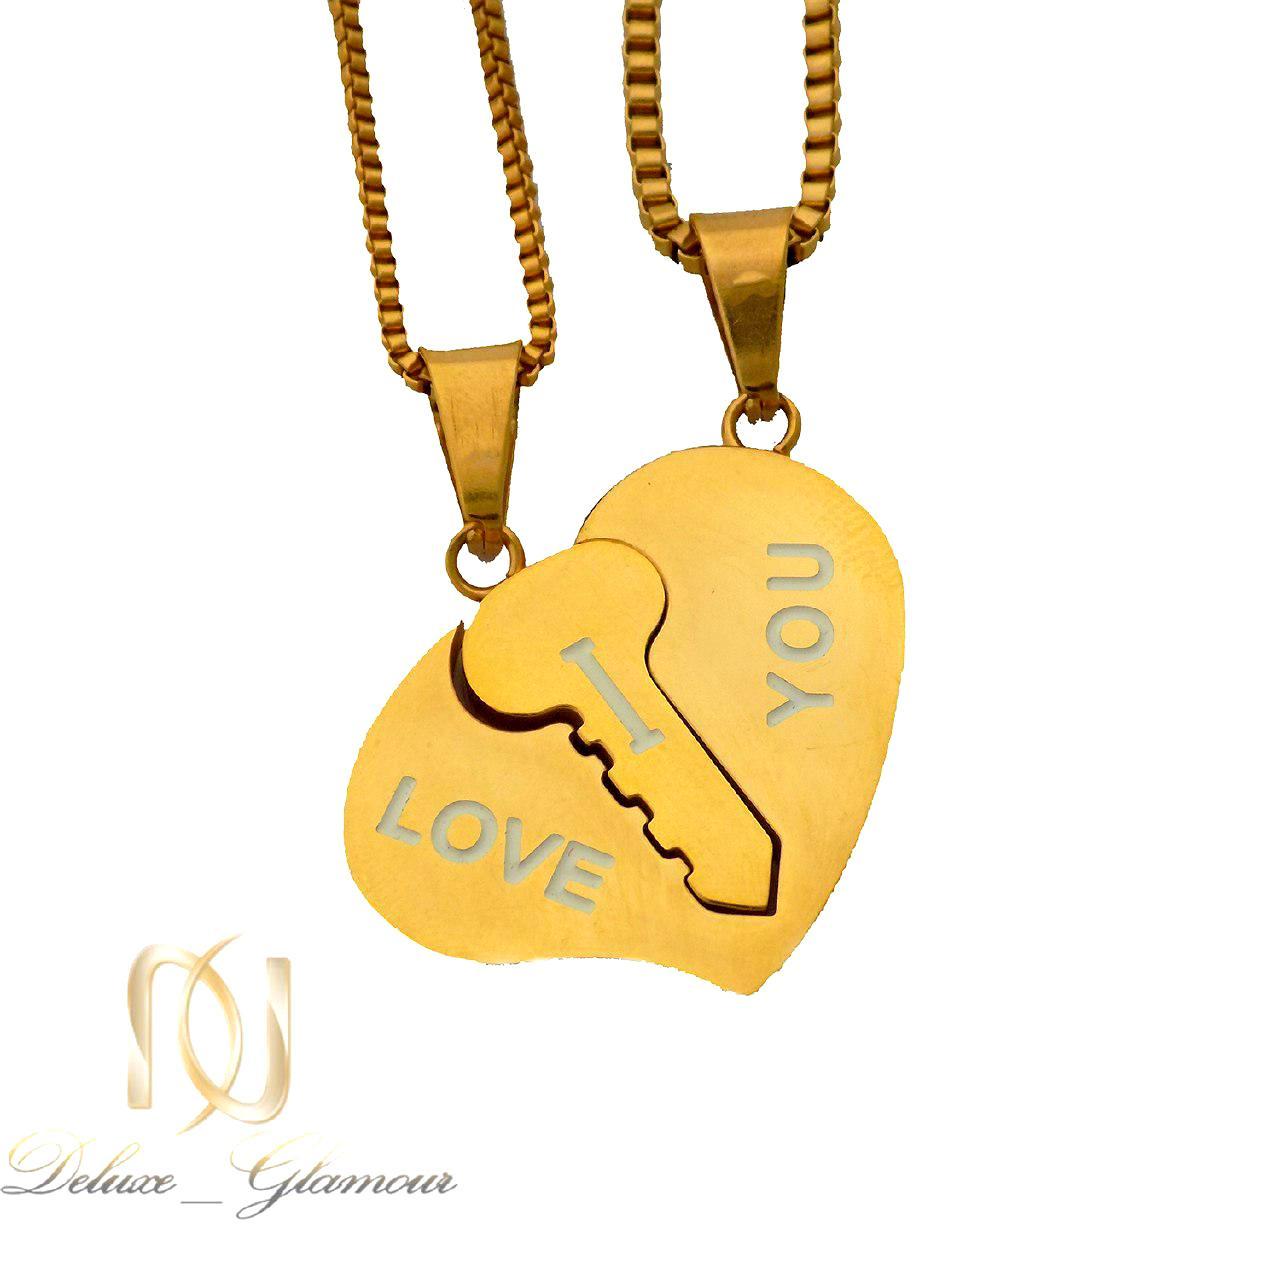 گردنبند ست دو تکه ای طرح قلب و کلید nw-n524 از نمای روبرو